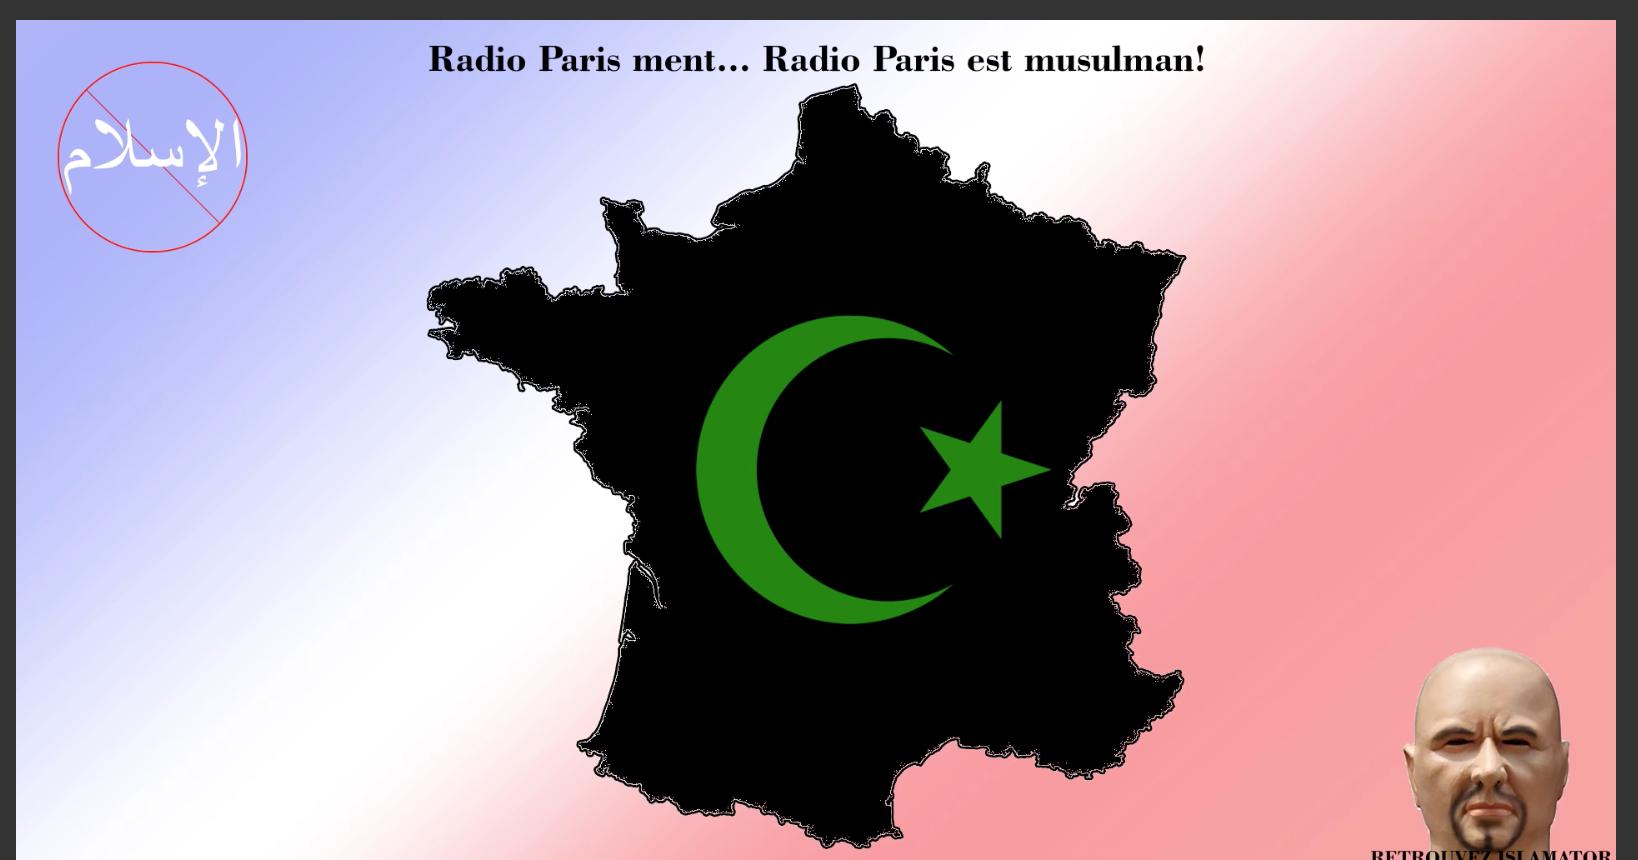 Islamator vous parle depuis la Russie : Radio Paris ment, Radio Paris est musulman…